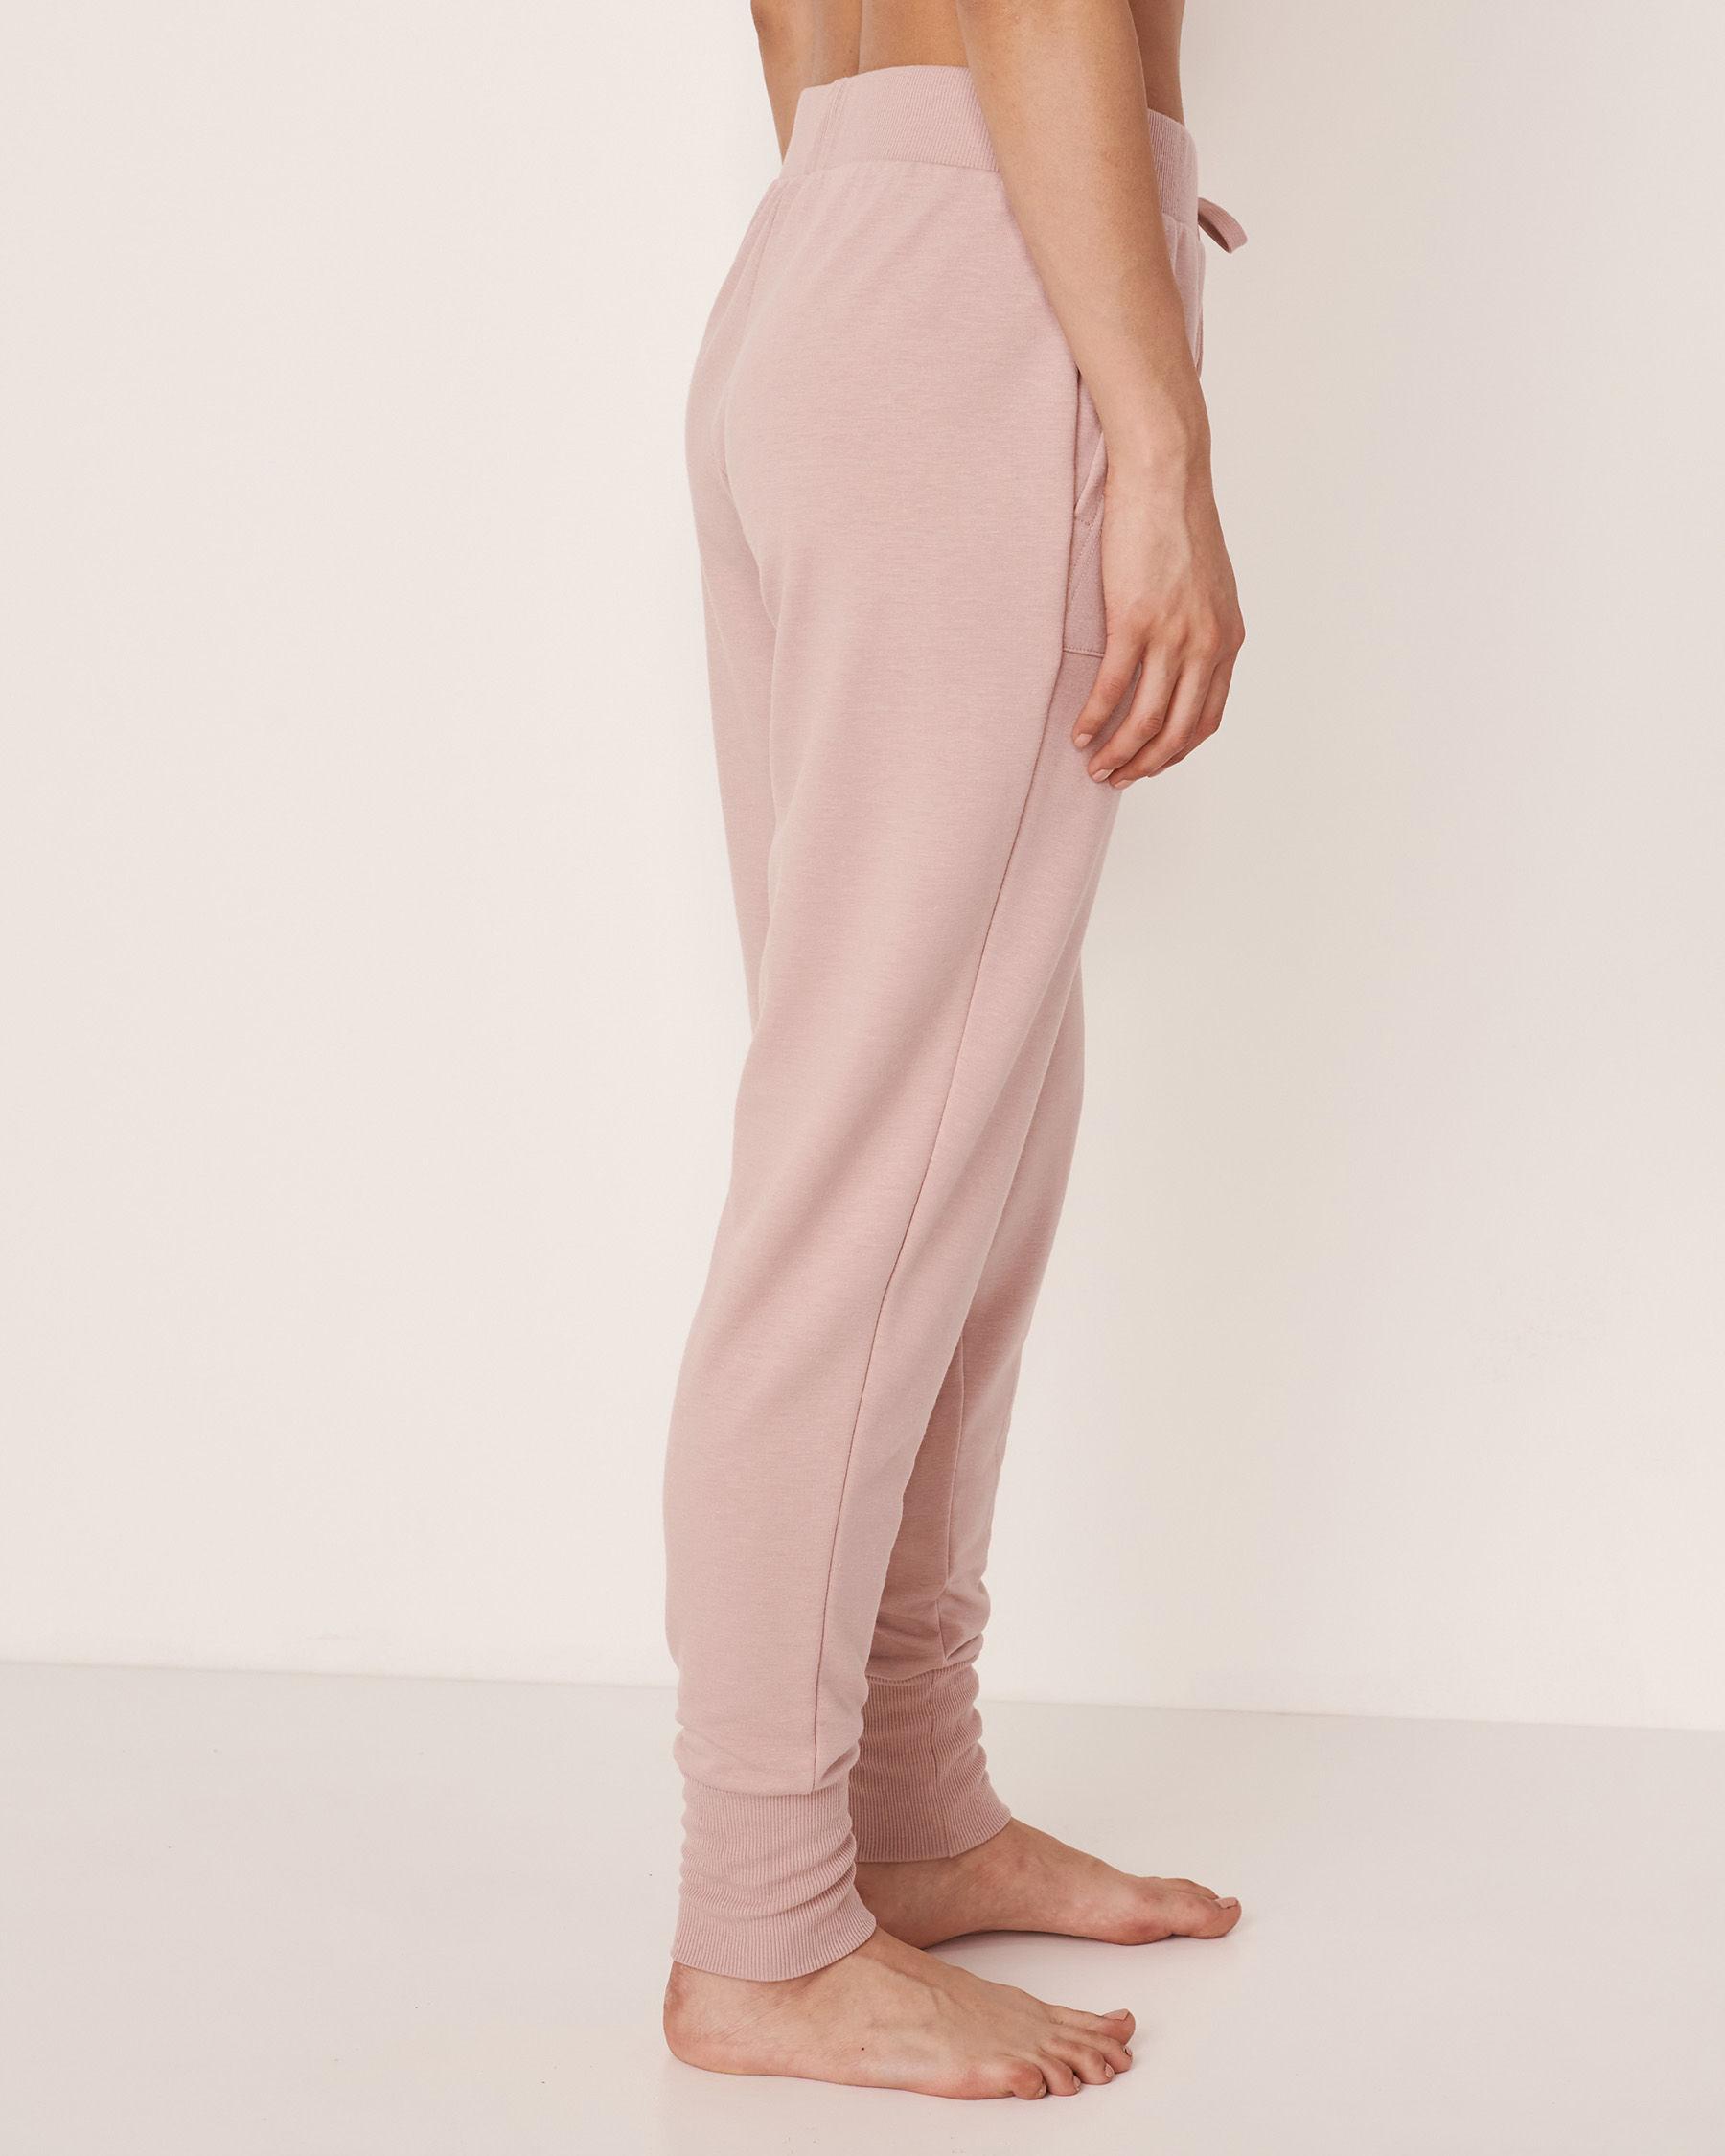 LA VIE EN ROSE Ribbed Waistband Pant Shadow grey 50200010 - View2